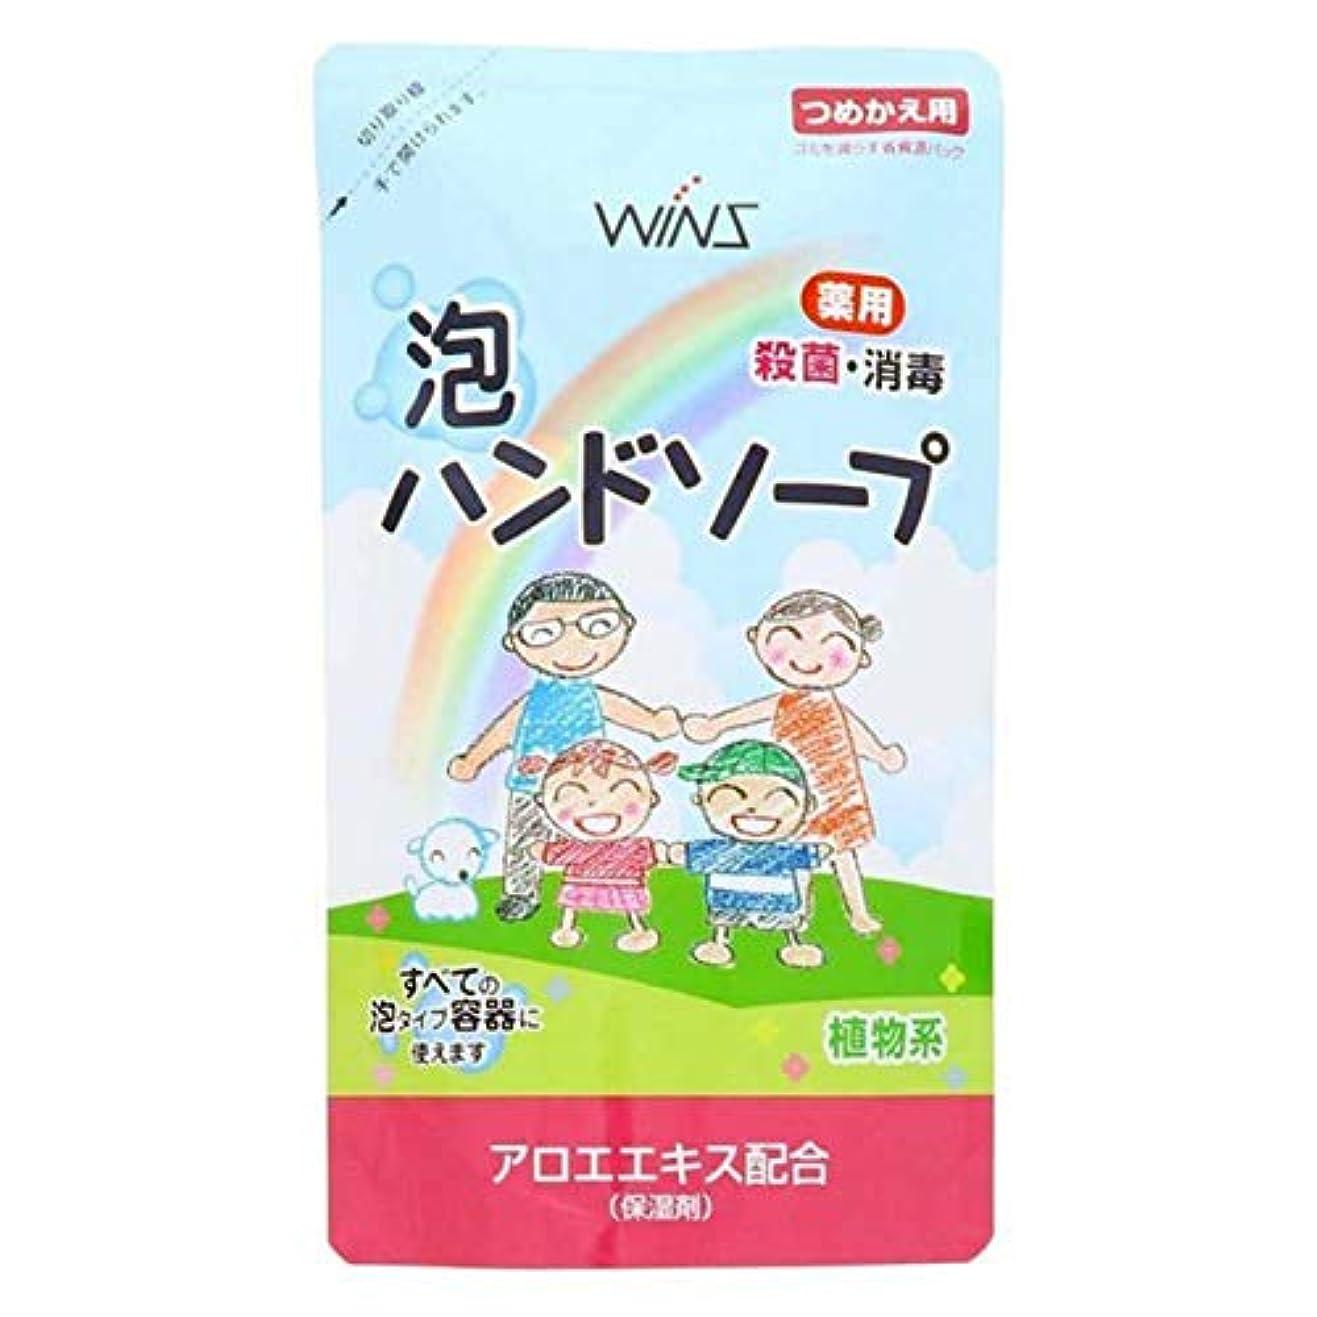 勇気平均あるウインズ 薬用泡ハンドソープ 詰替 200mL 日本合成洗剤